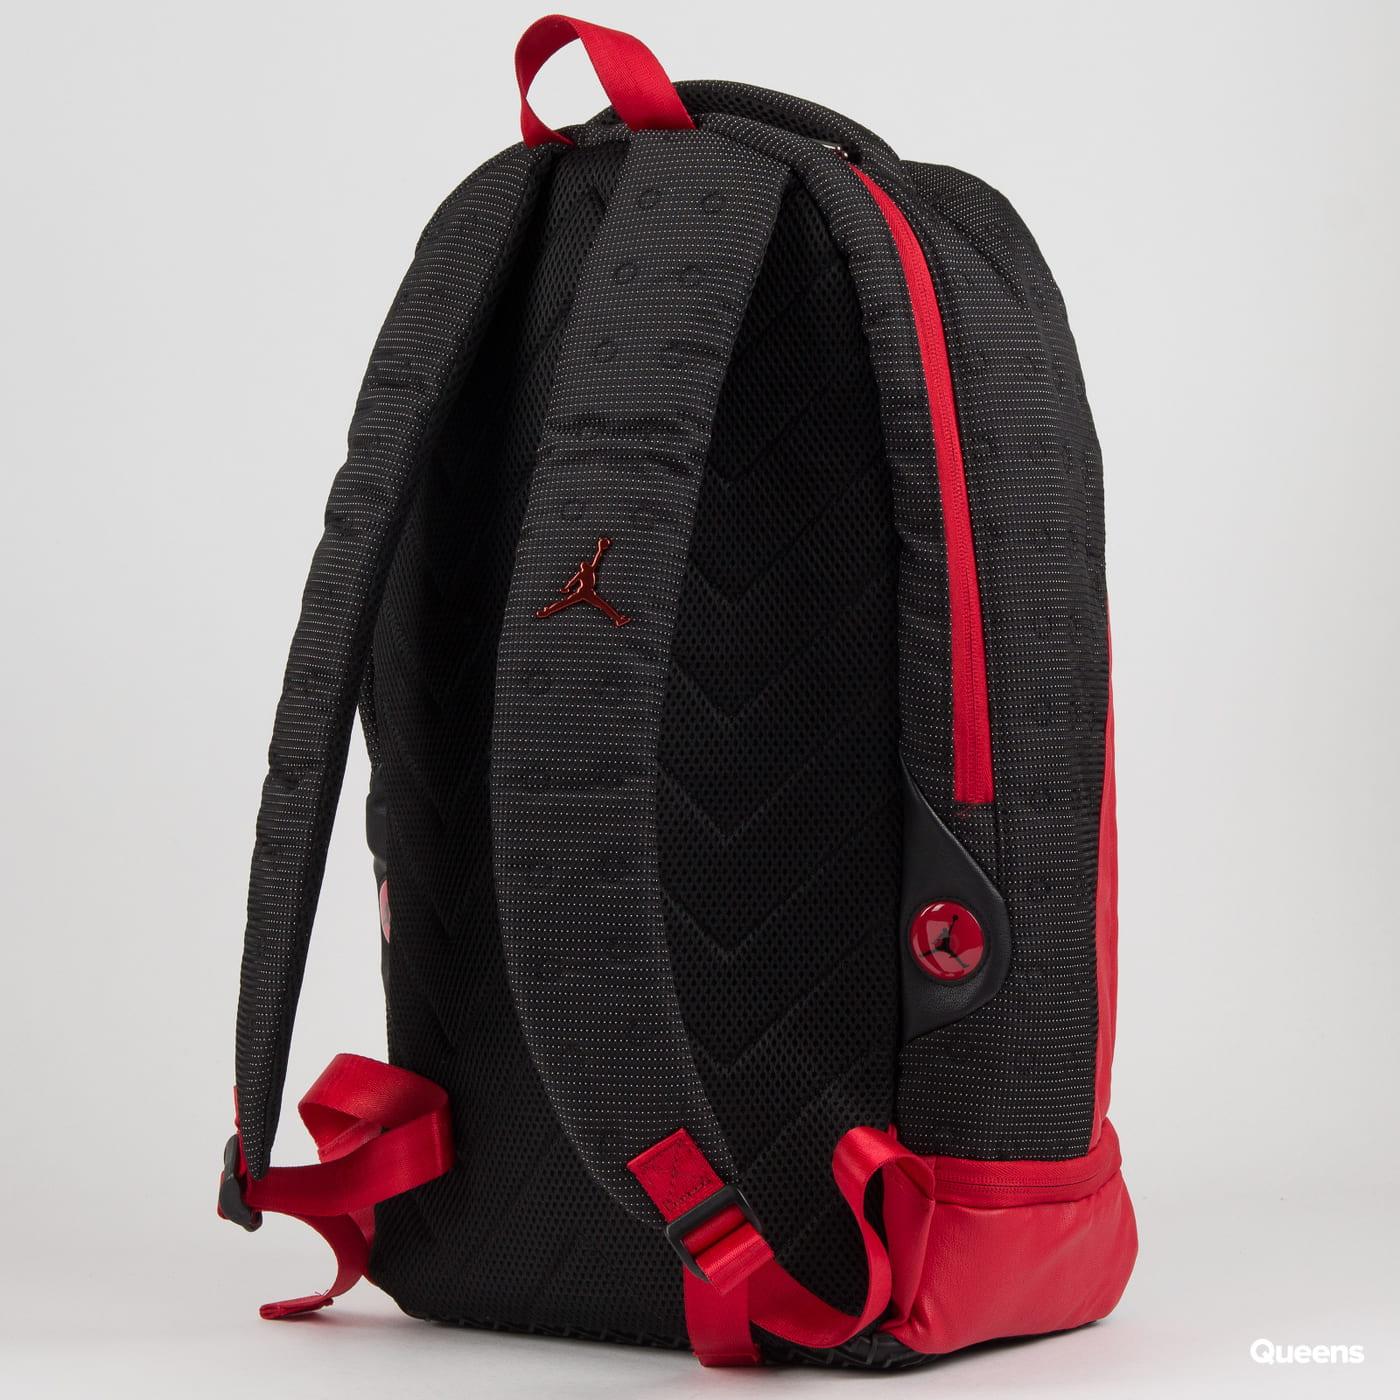 17707f7cedecdf ... Air Jordan Retro 13 XIII Backpack Midnight Navy Black 9A1898 007 -Nike  · Zoom in Zoom in Zoom in Zoom in Zoom in Zoom in Zoom in. Jordan